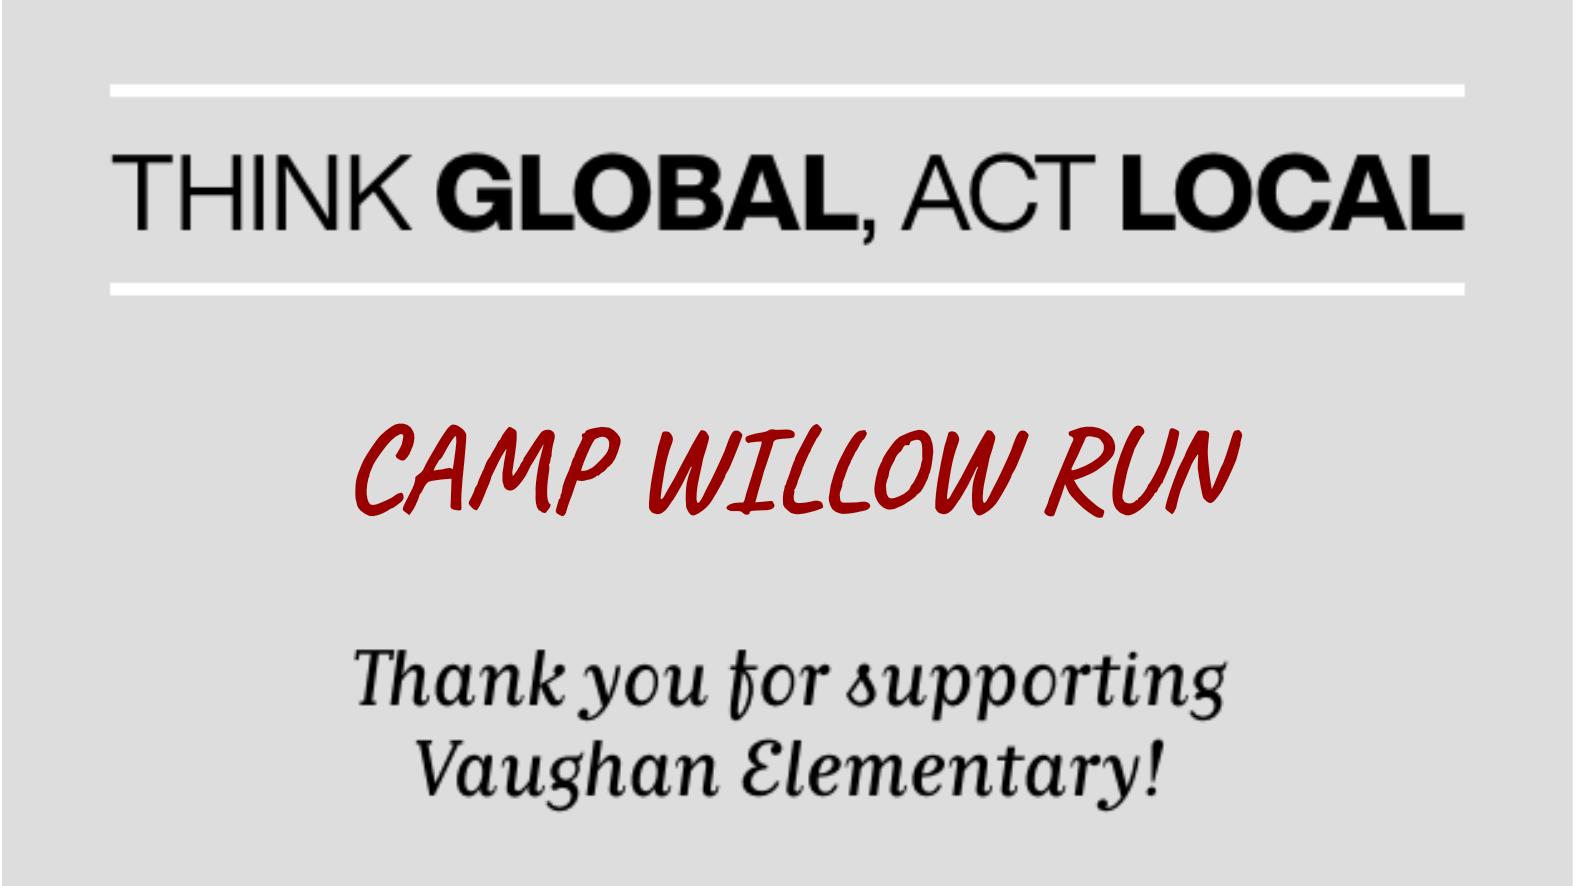 Camp Willow Run